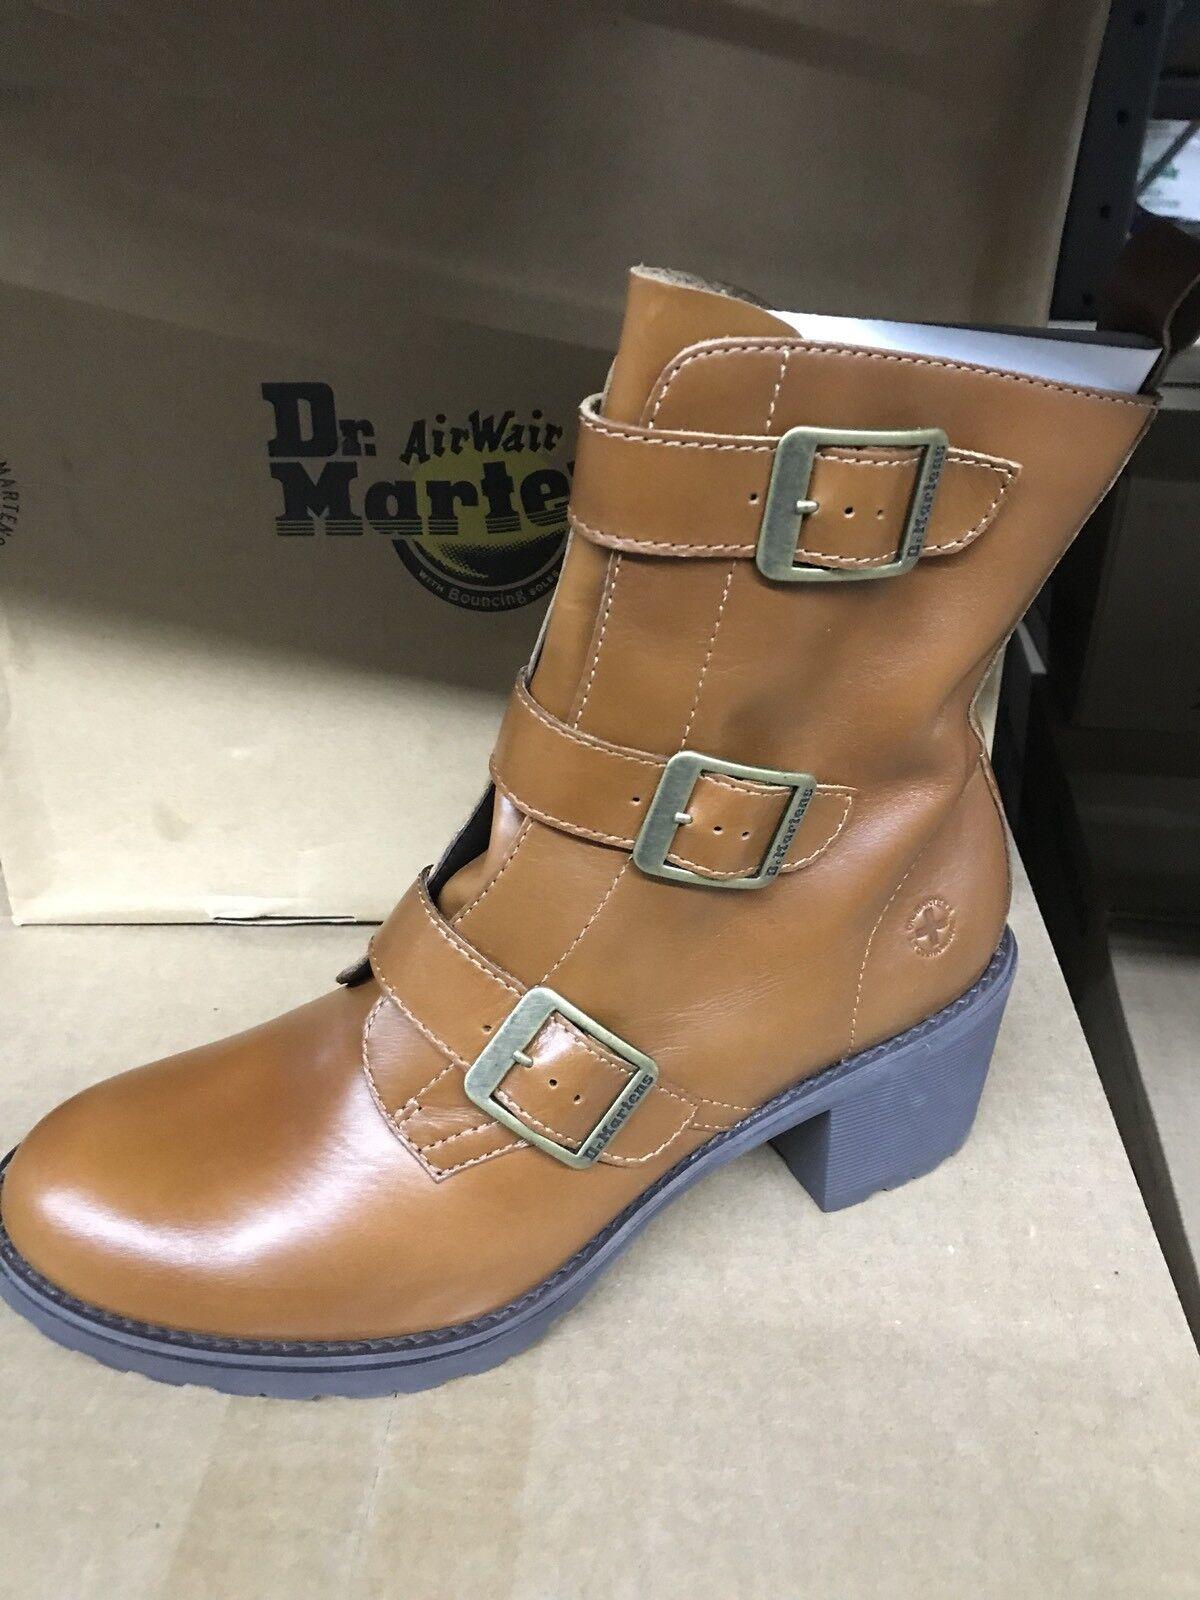 Dr martens air wair Aletta Tan Damens 11 buckle boots